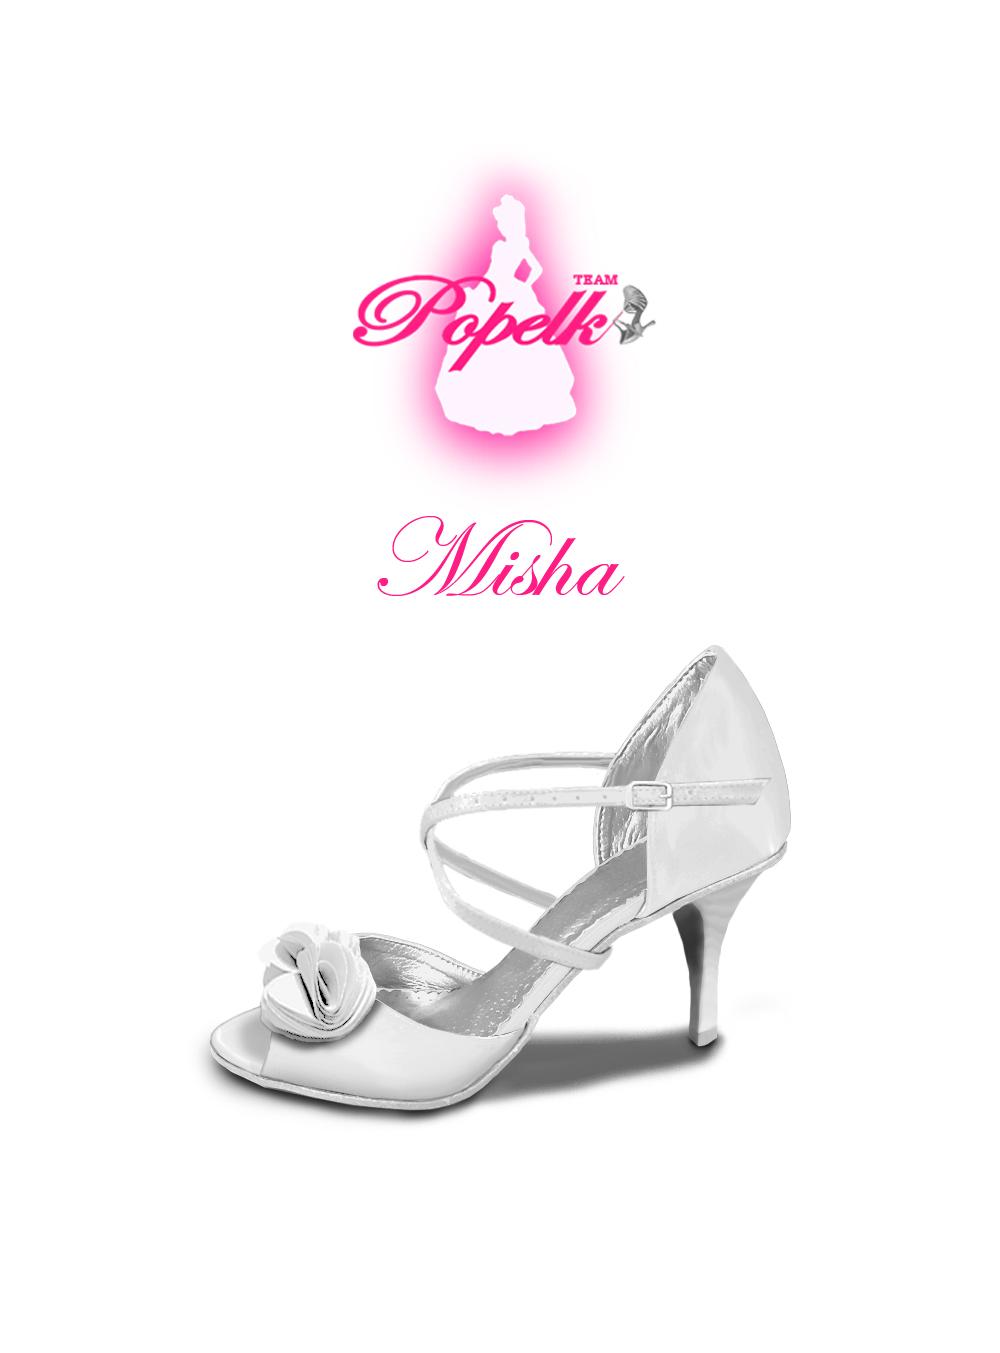 M∞P wedding ideas - uvažujem nad šitím topánok, ešte sa rozhodujem v akej farbe